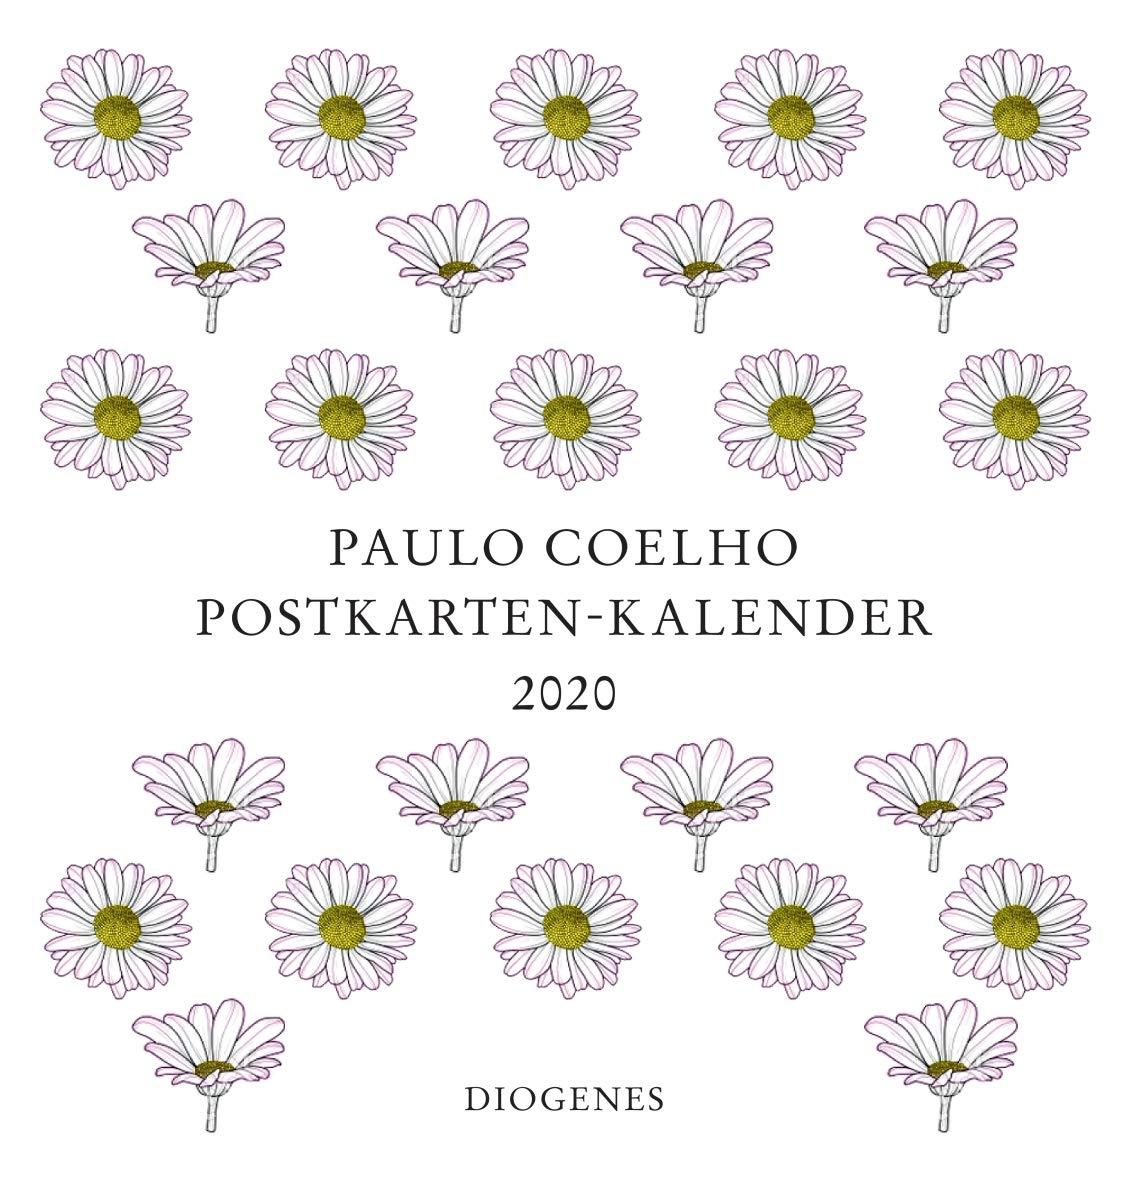 Postkarten-Kalender 2020: Amazon.es: Paulo Coelho: Libros en ...